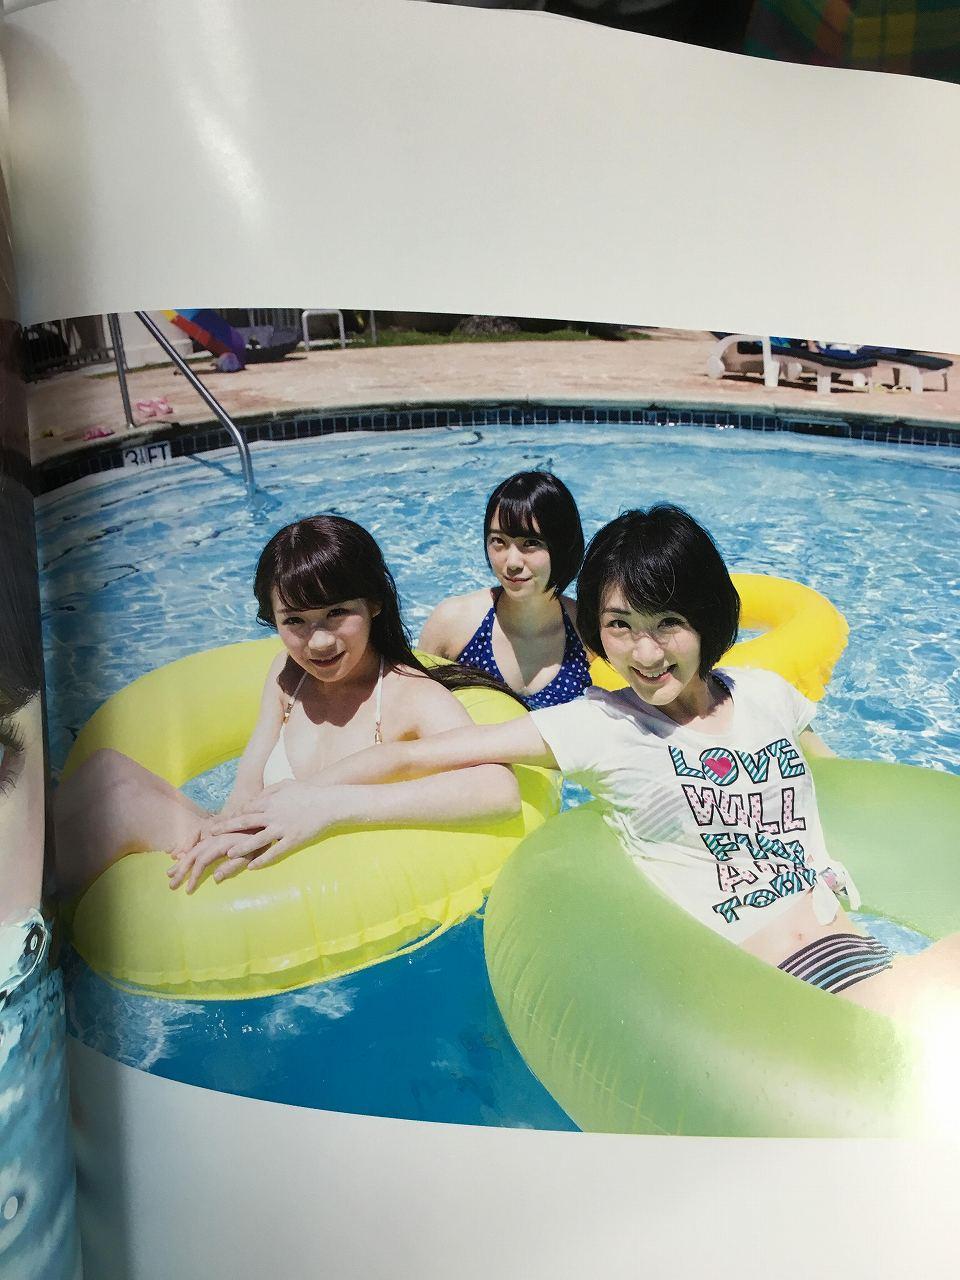 乃木坂46のセカンド写真集「1時間遅れのI love you.」画像(生駒里奈)